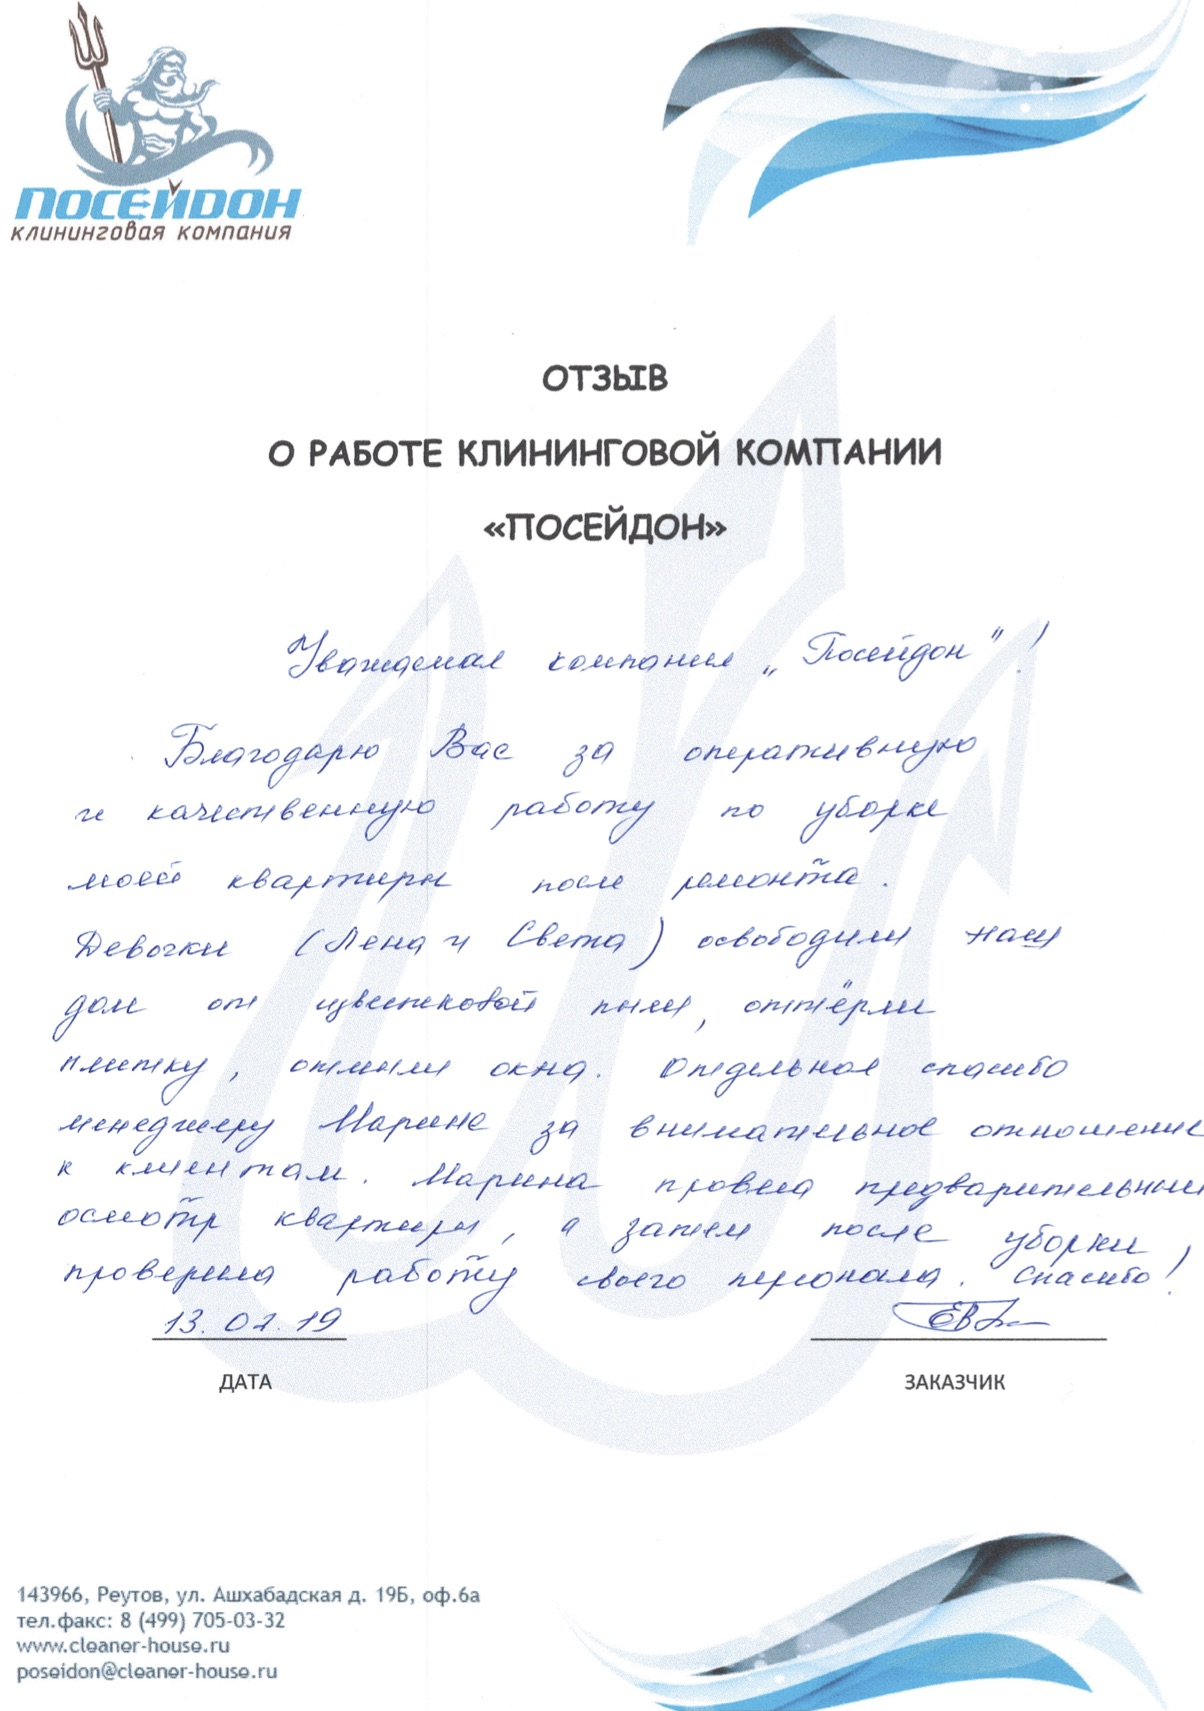 Клининговая компания и отзыв об уборке №412056